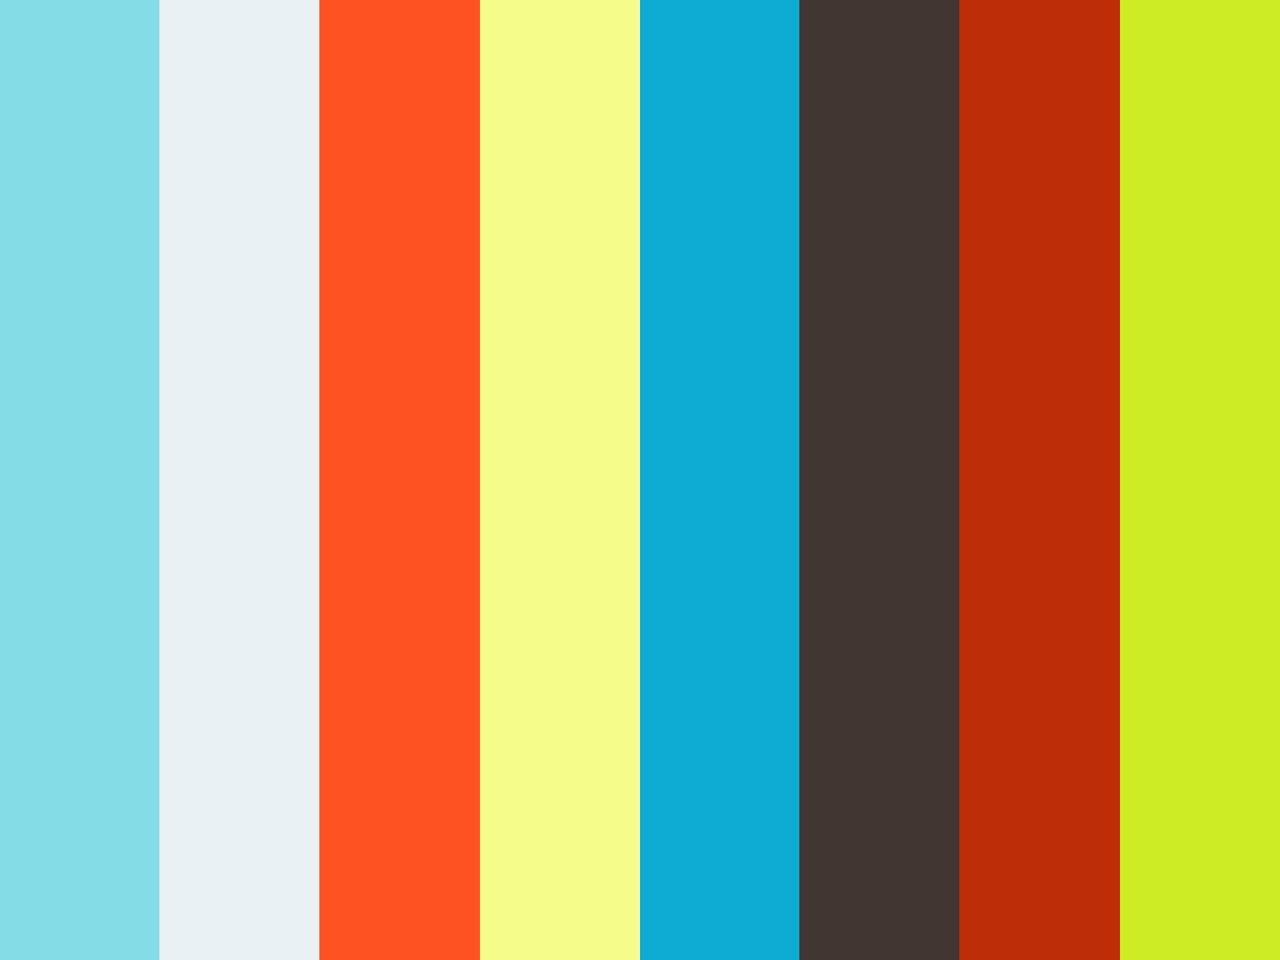 Excel-Dustin LaChance 12.30.18